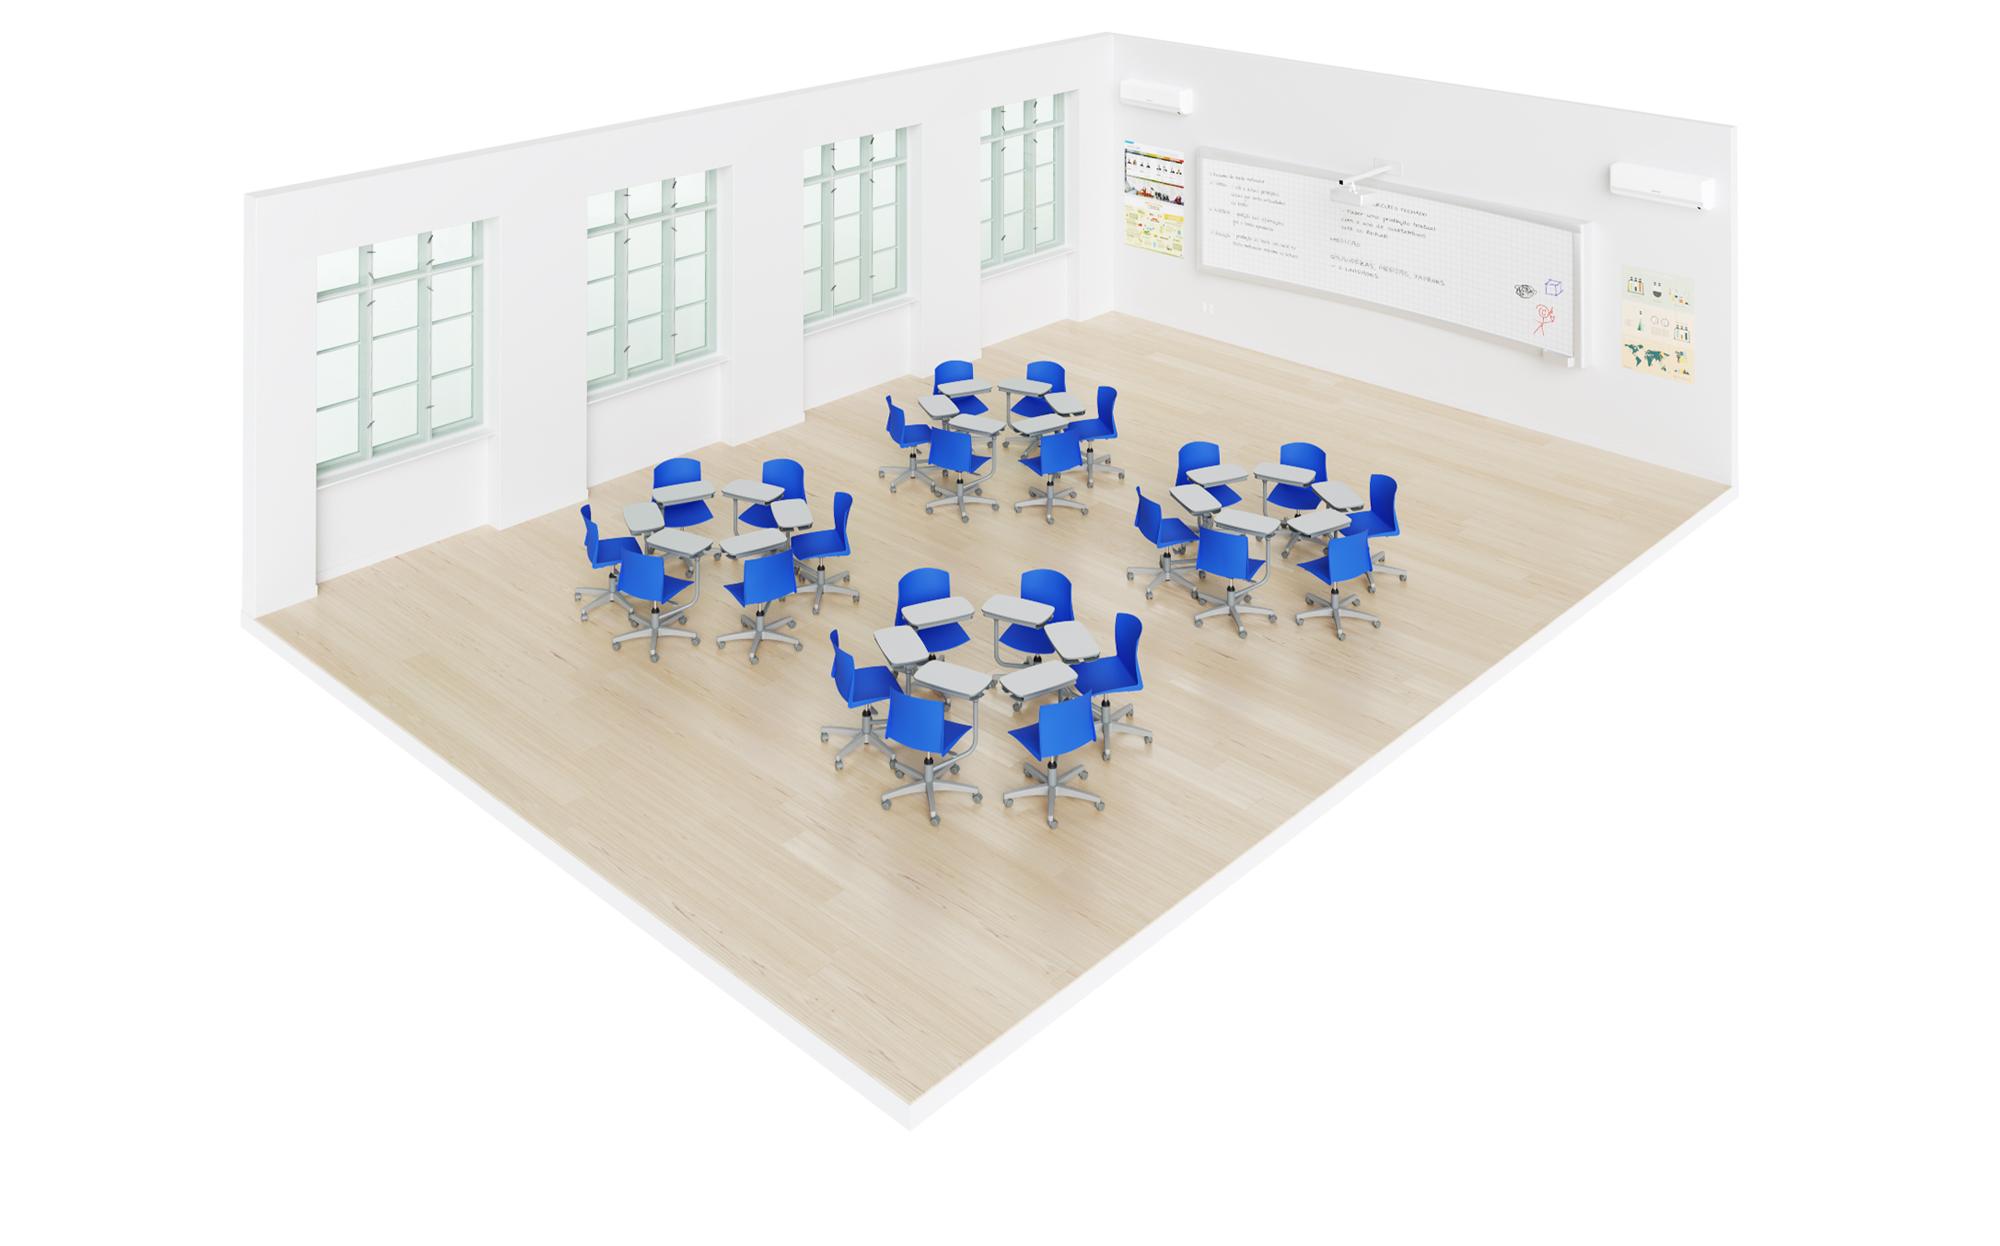 sala de aula com carteiras universitárias flex pro em grupos de seis